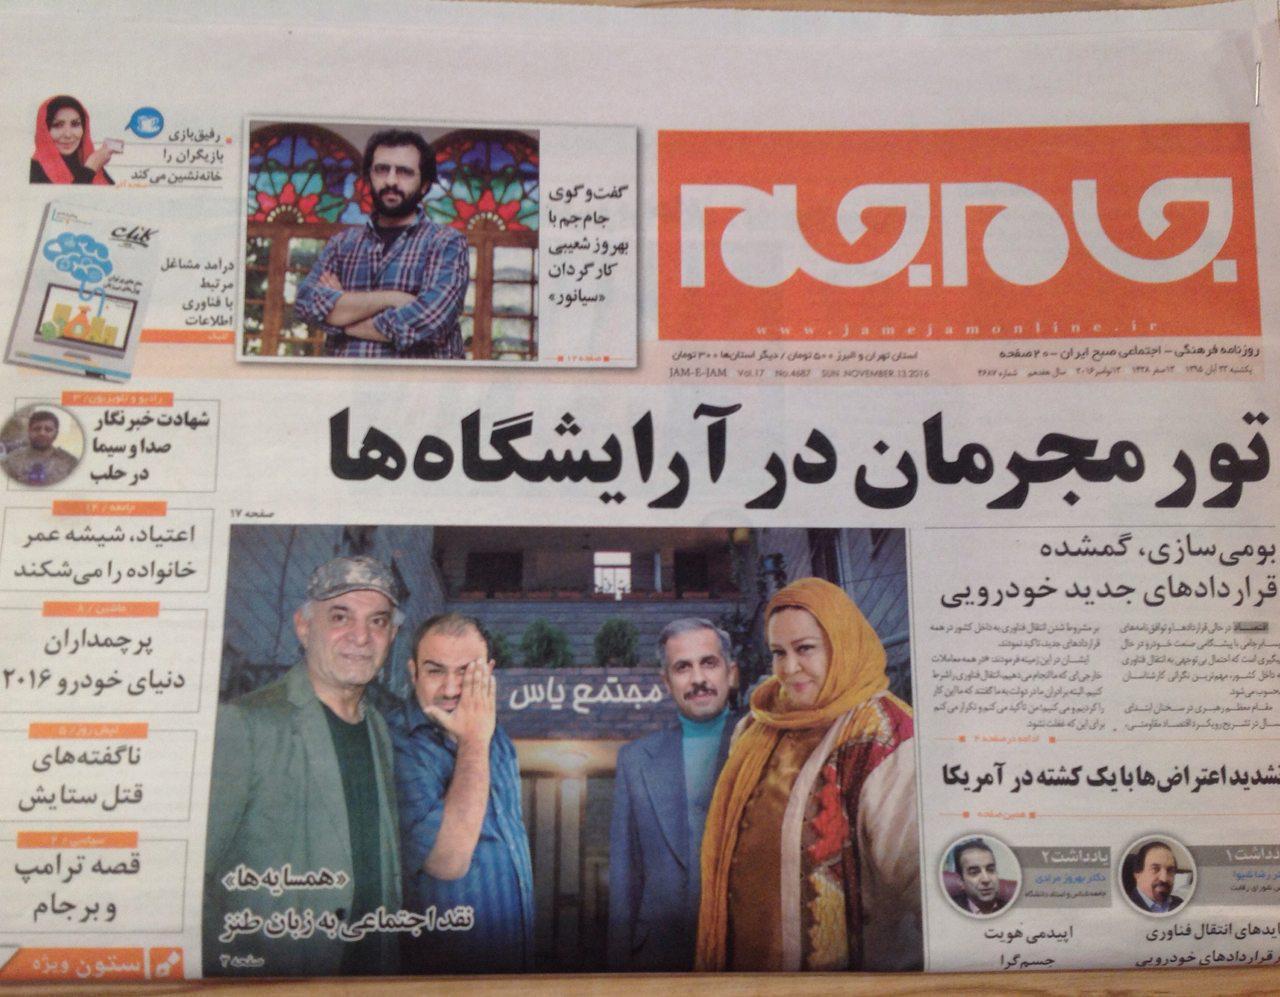 انتقاد شدید شمشادی از روزنامه متعلق به صداوسیما +عکس